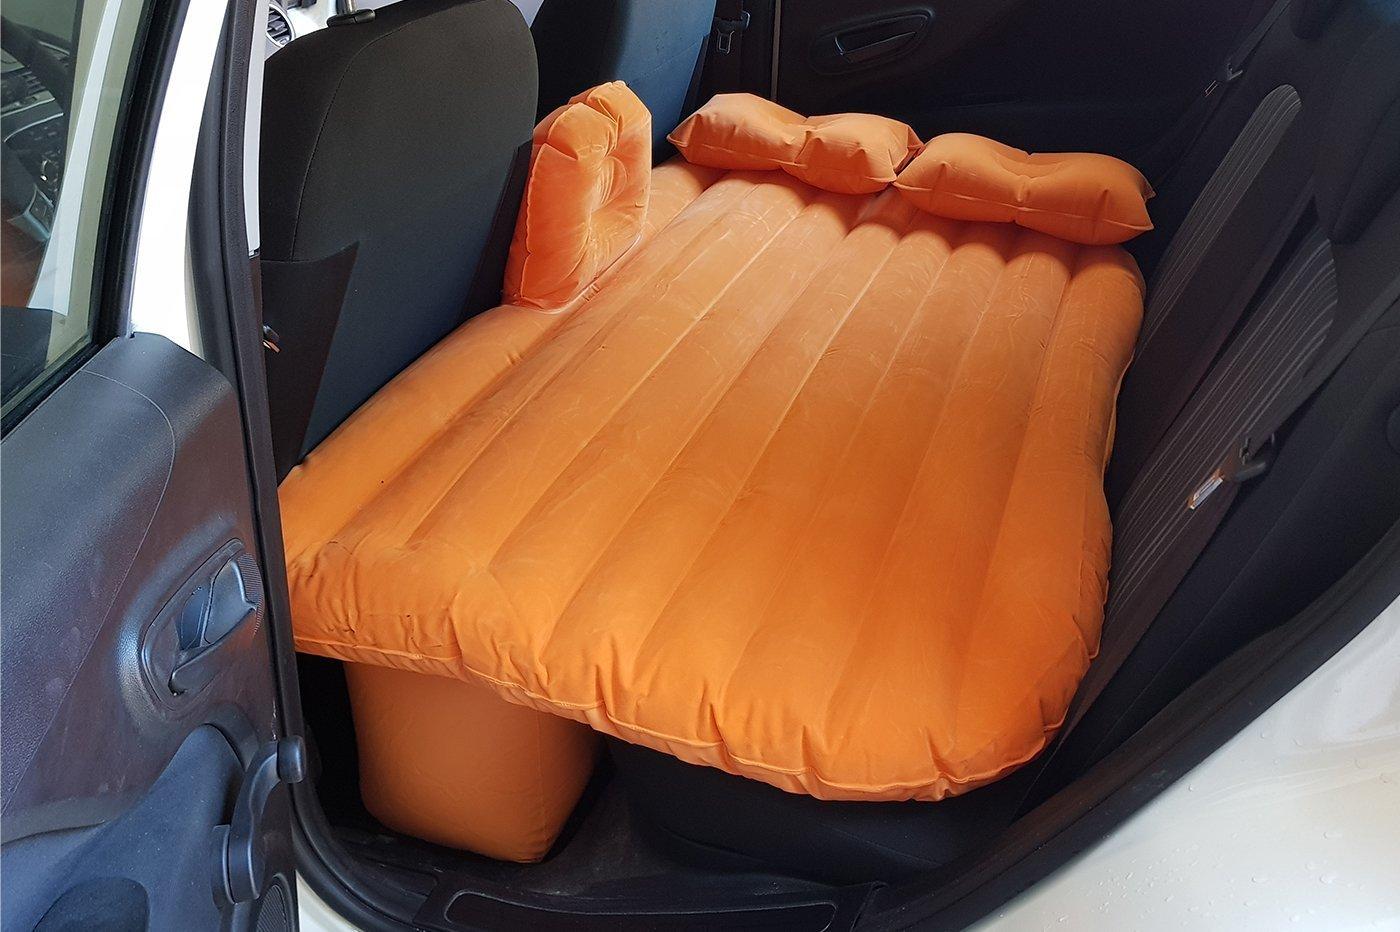 Colchón inflable para coche, para dormir en los asientos traseros, máquina con bomba: Amazon.es: Jardín